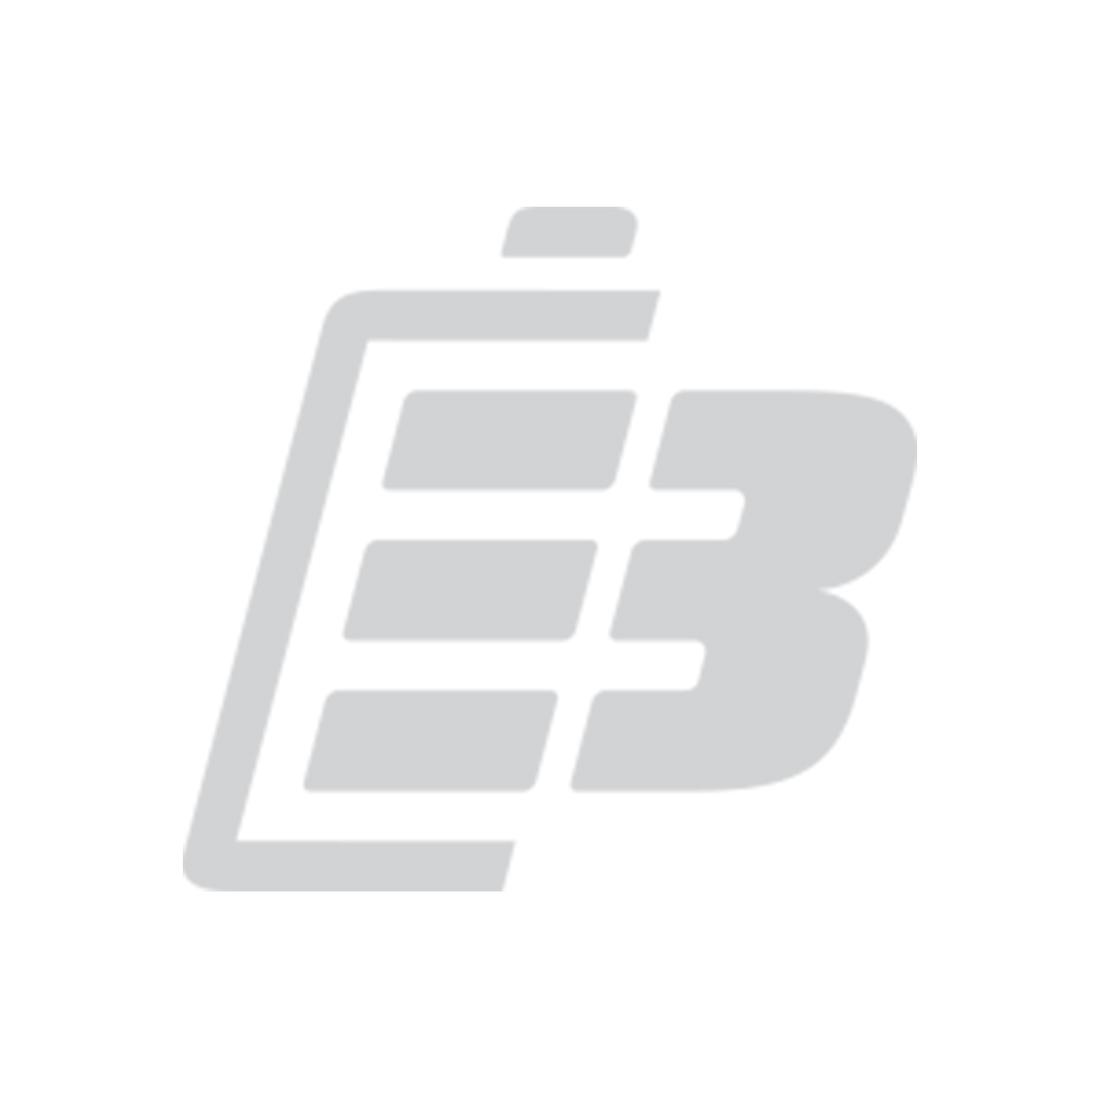 Barcode scanner battery Intermec CN50_1